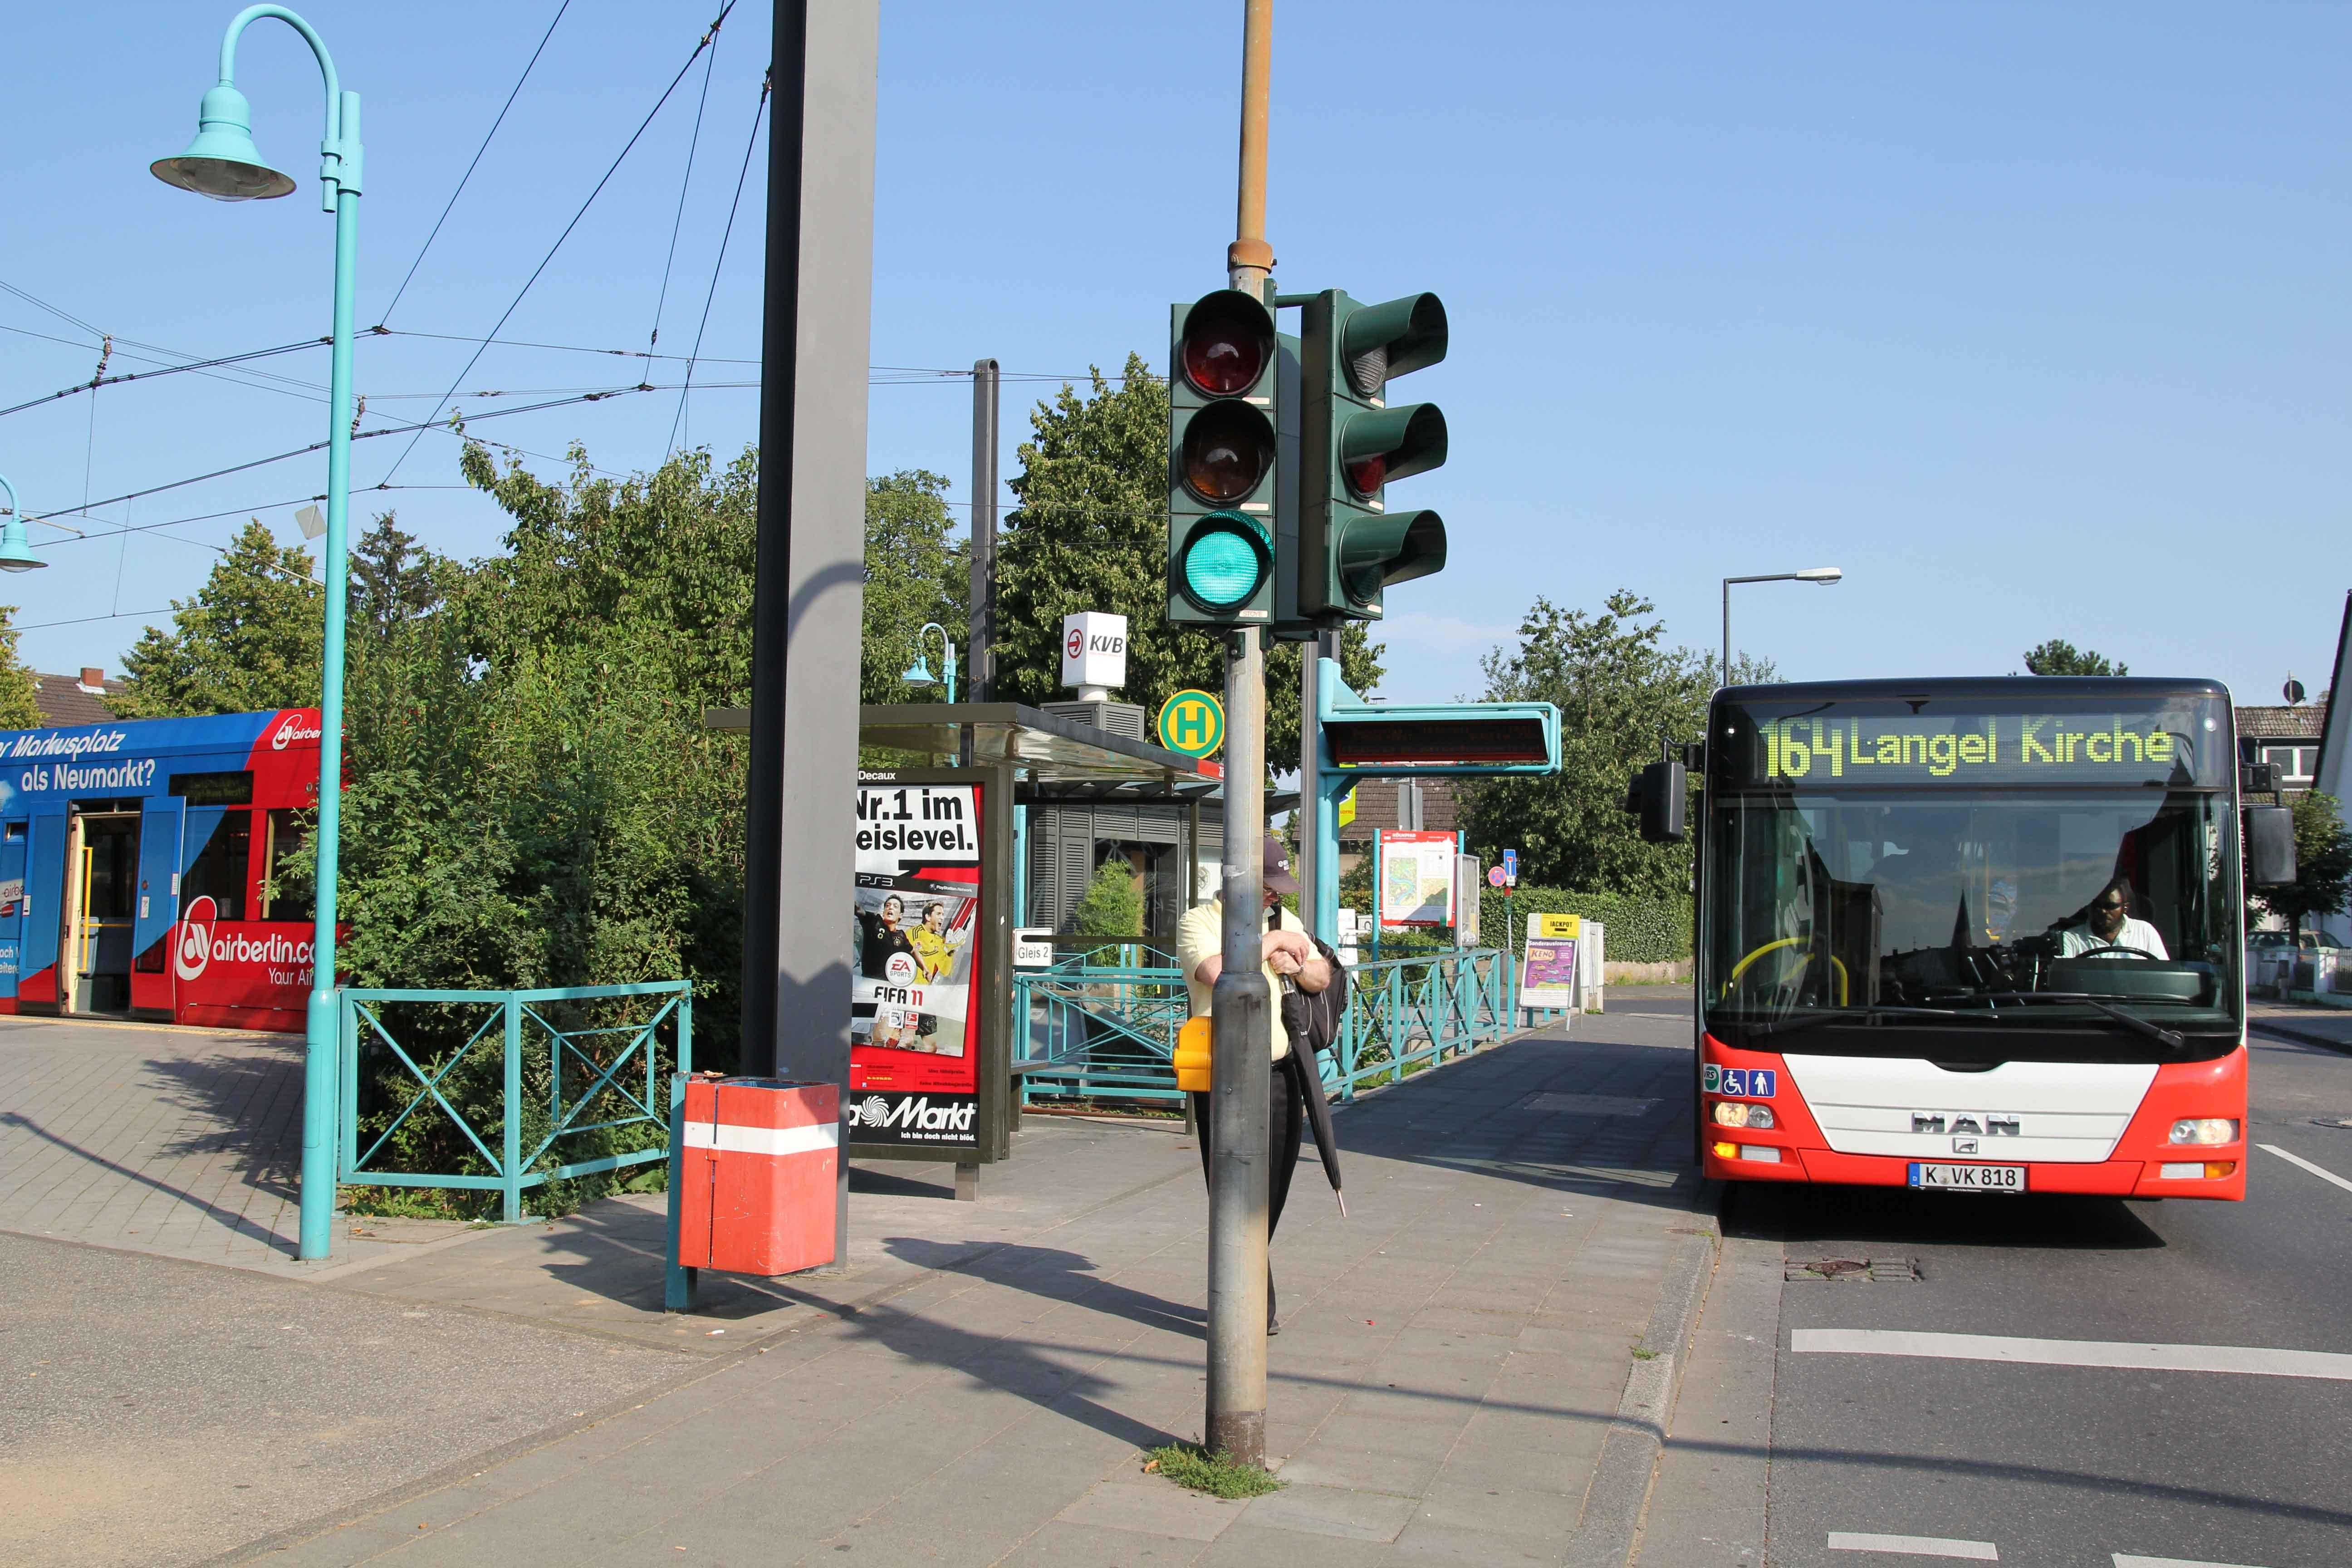 In Zündorf endet die Linie 7 bisher im alten Ortskern. Fahrgäste können auf den Bus-Verkehr umsteigen.